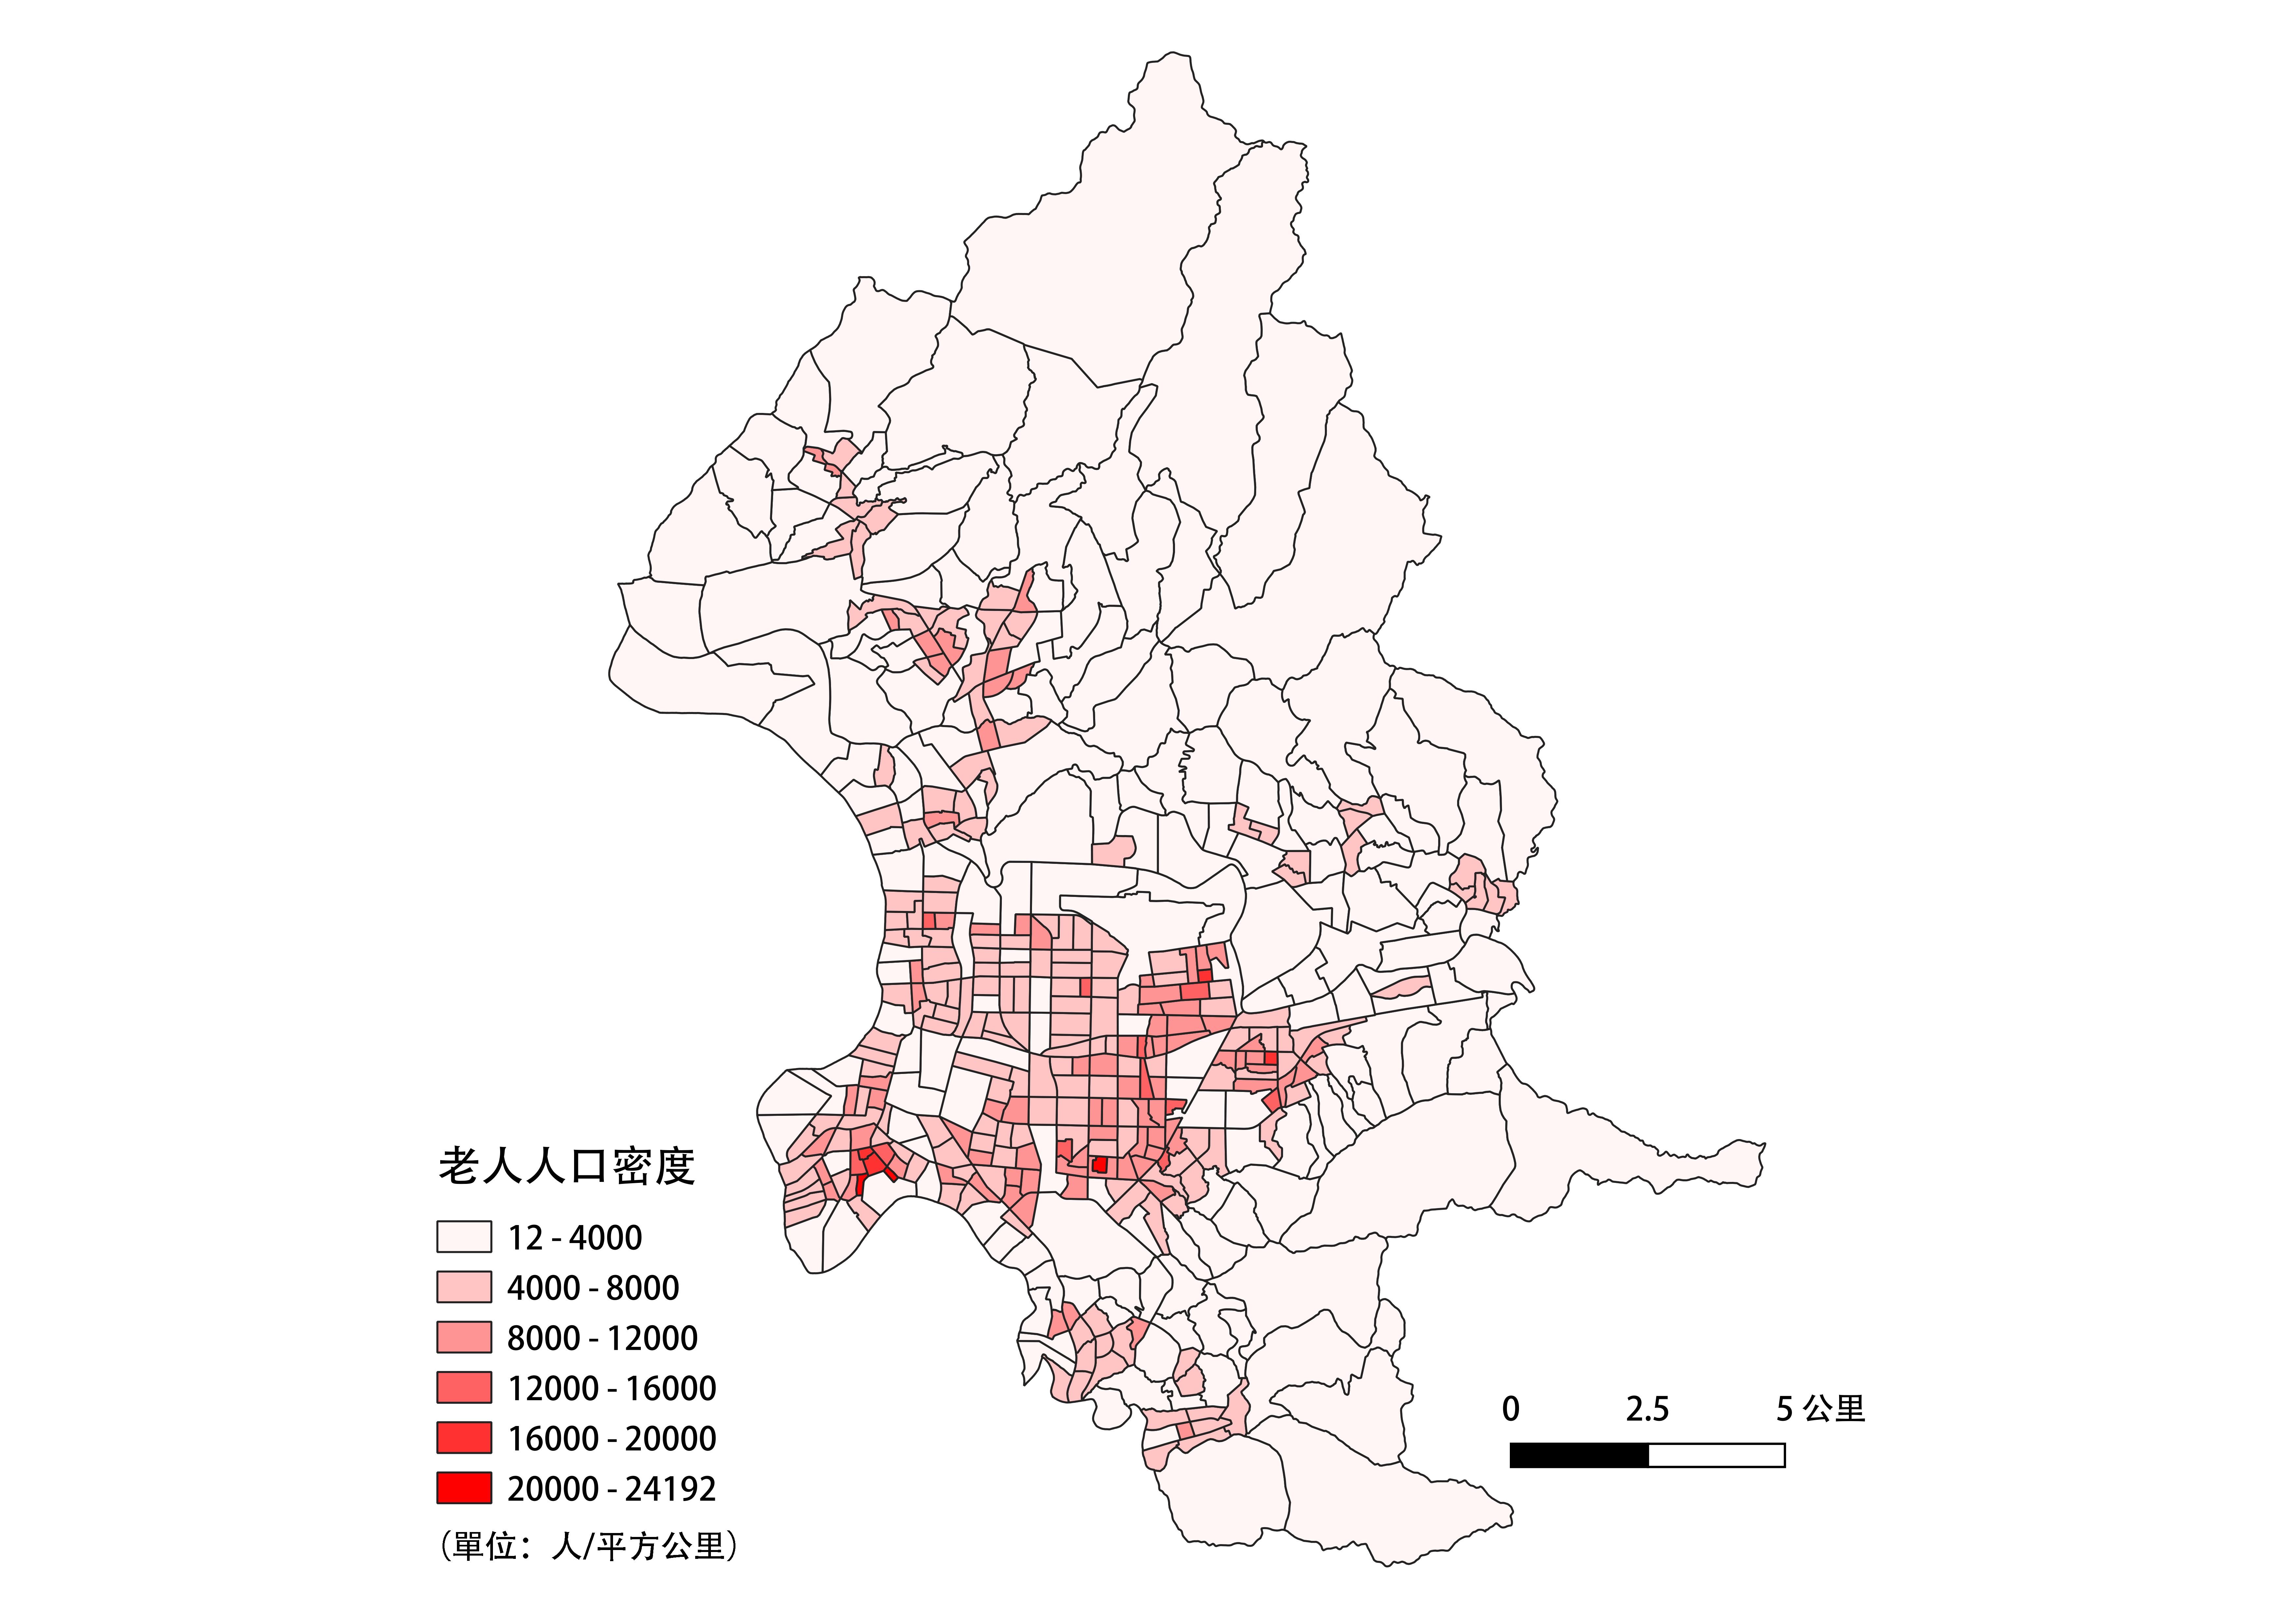 臺北市老年人口密度面量圖